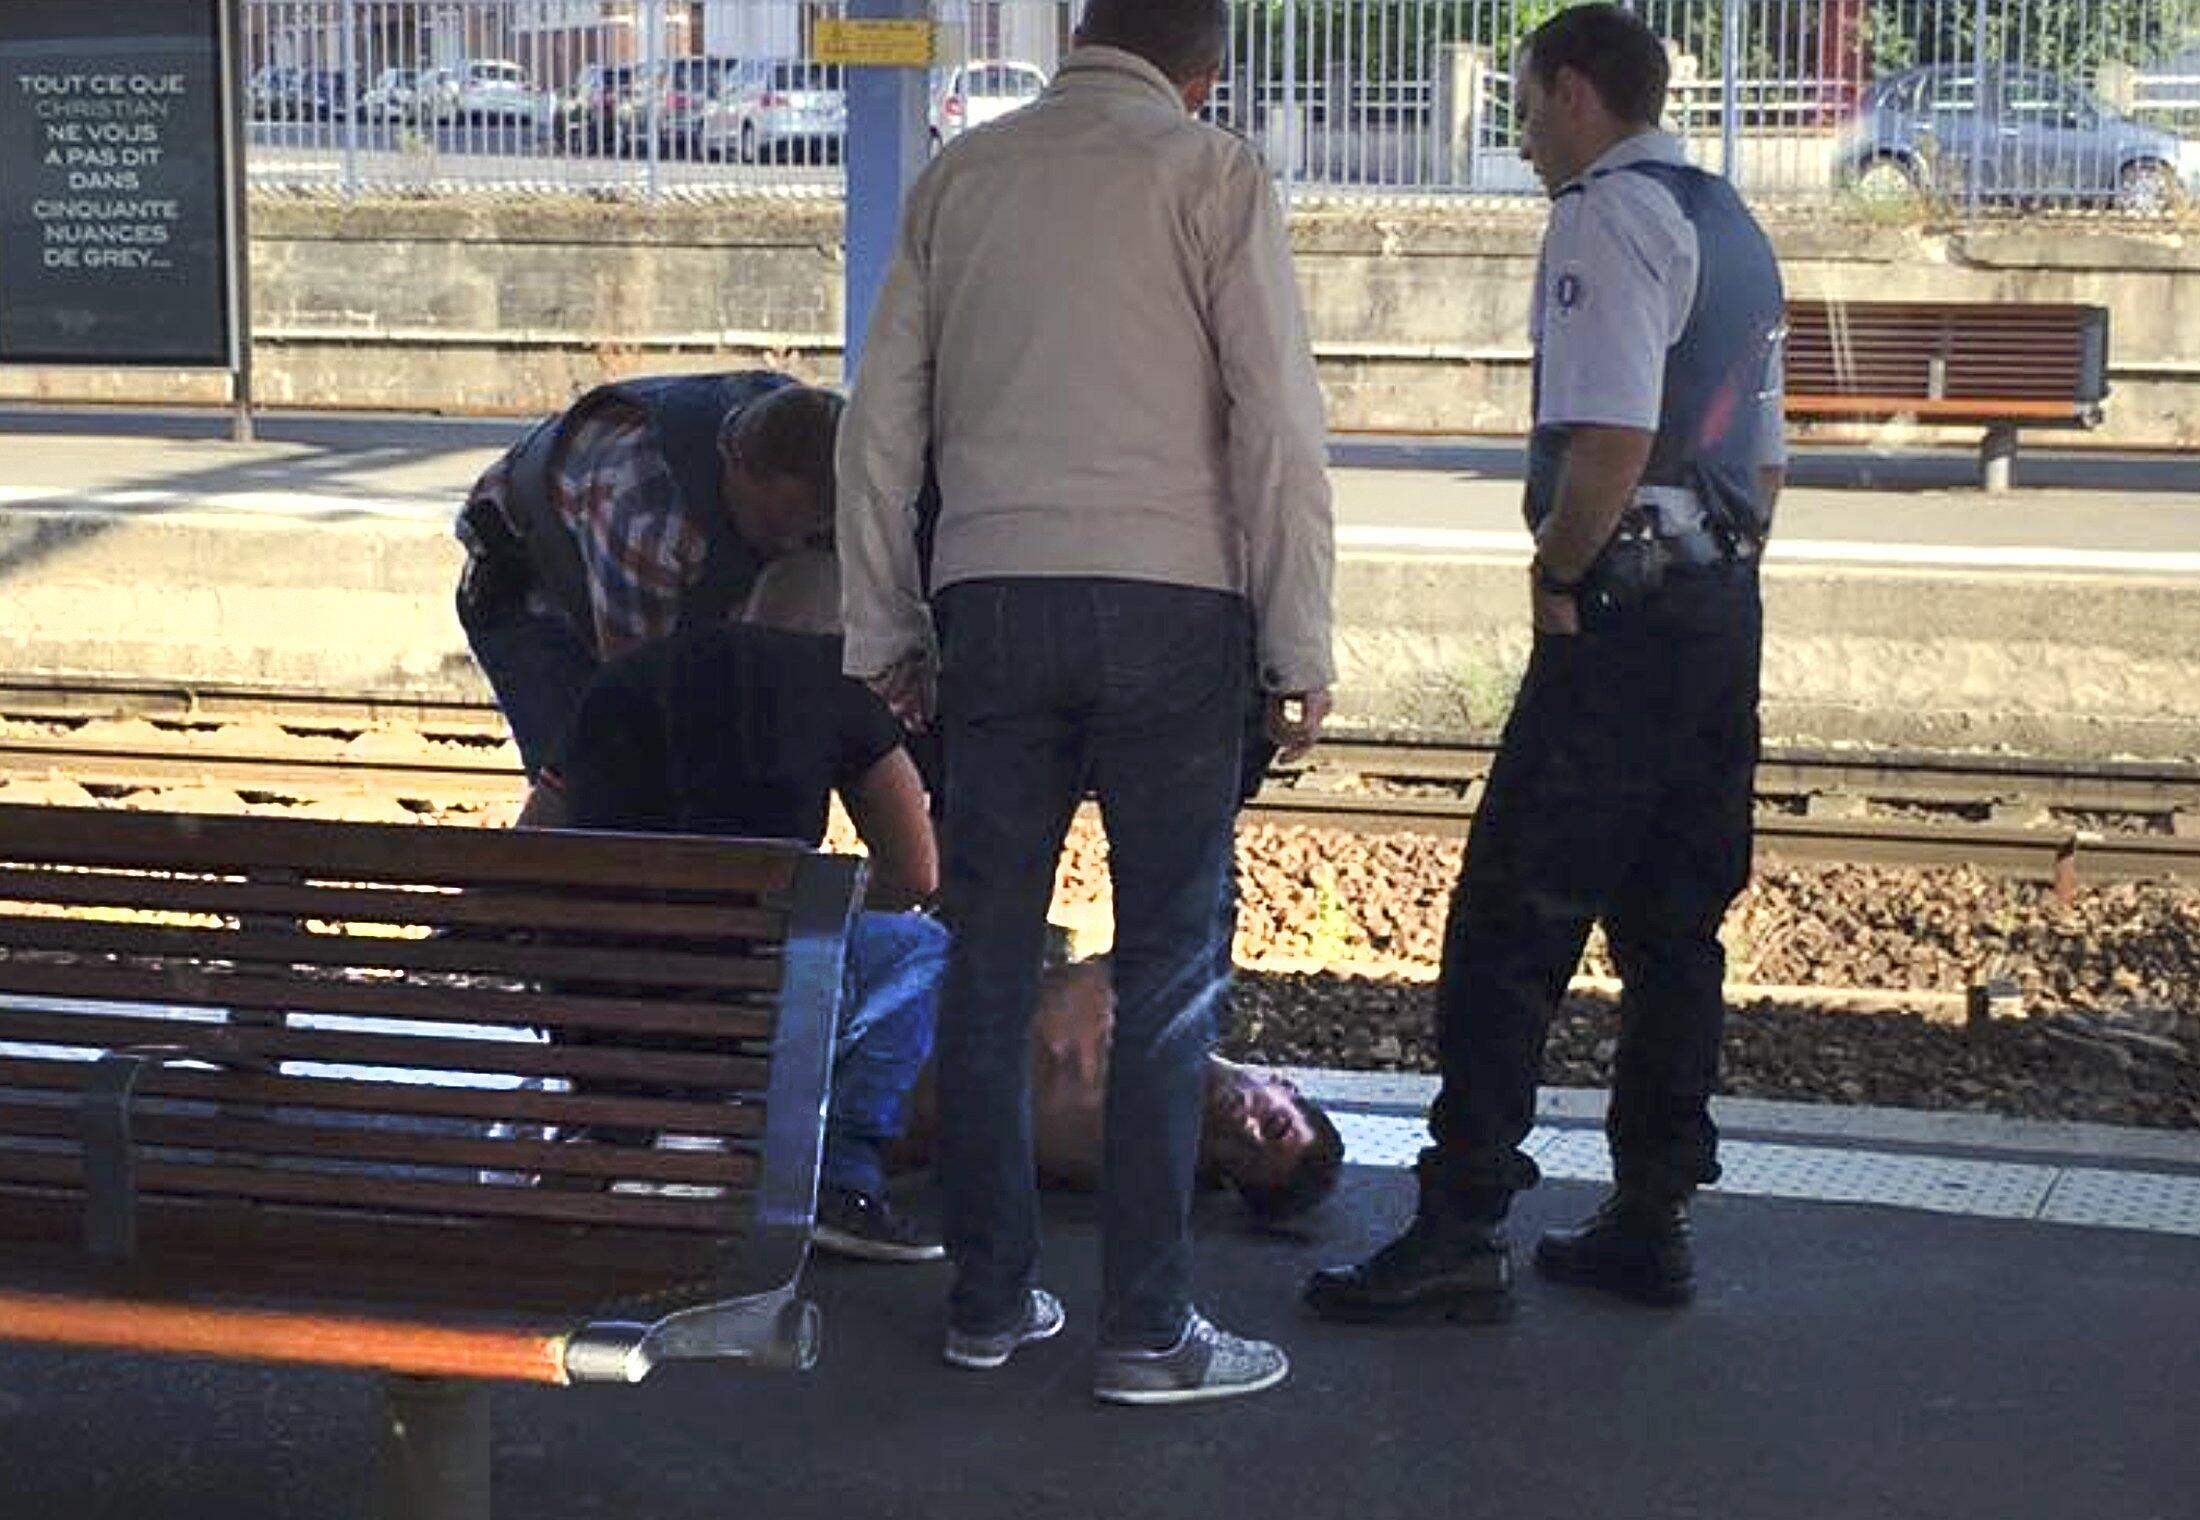 Nghi phạm Ayoub el-Khazzani bị còng tay, trên bến ga thành phố Arras, trong khi cảnh sát điều tra tại hiện trường - REUTERS/Christina Cathleen Coons